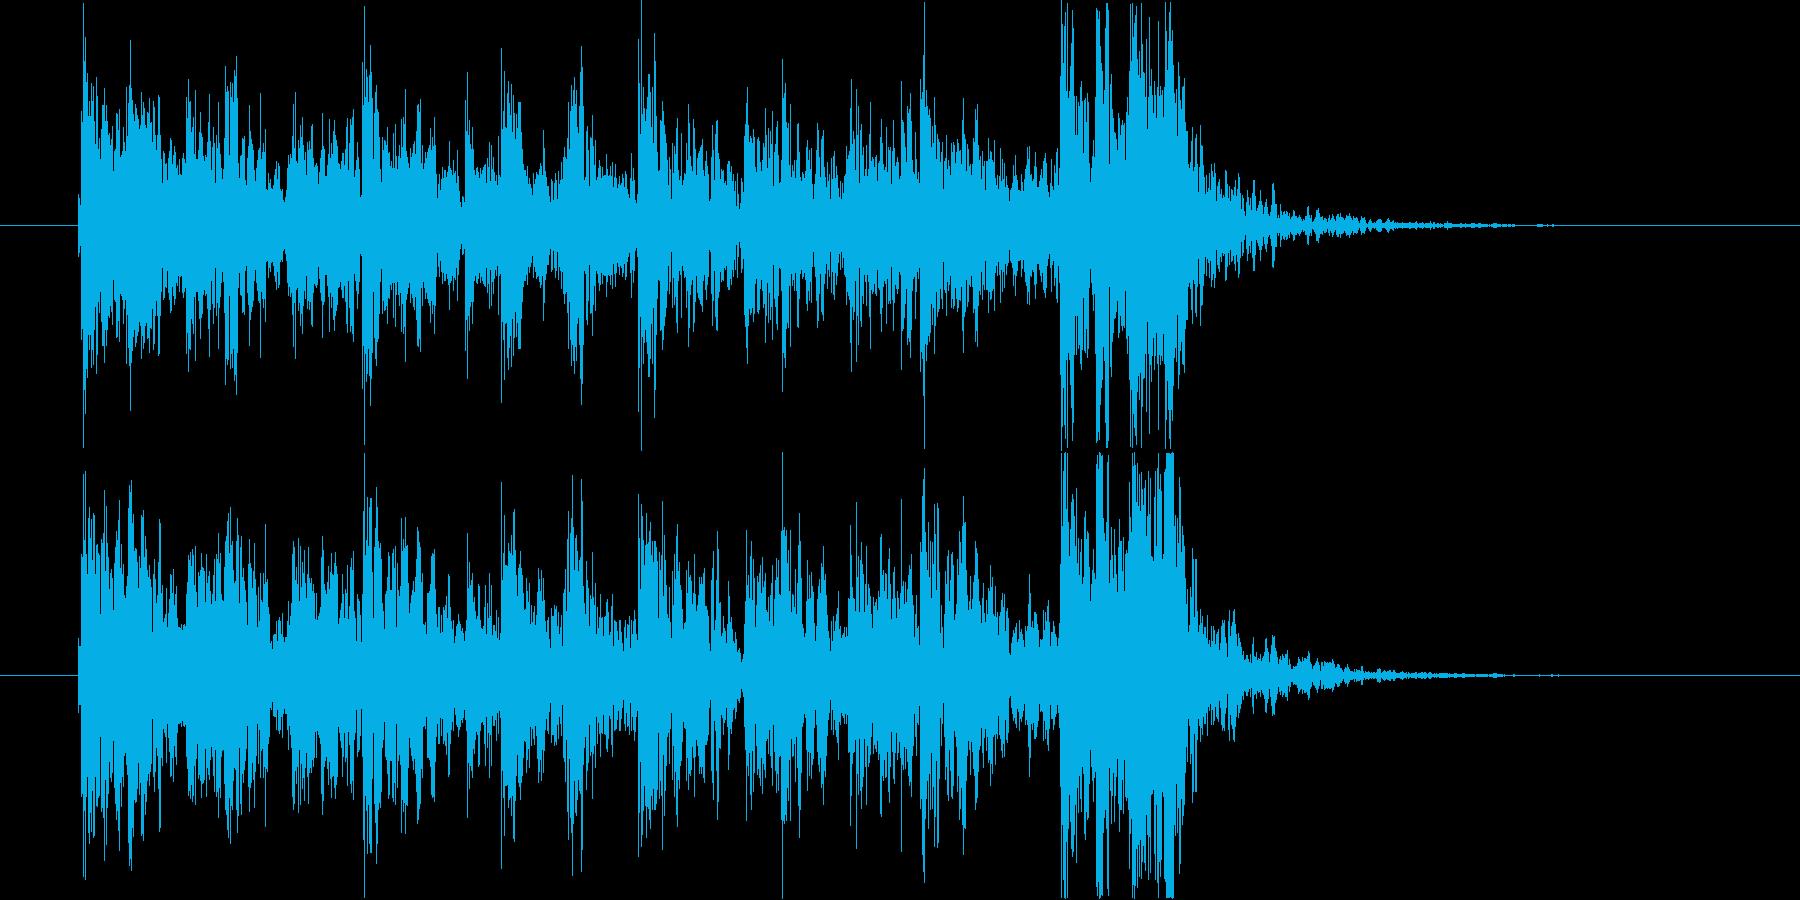 和風◆力強い掛け声と太鼓のジングルの再生済みの波形